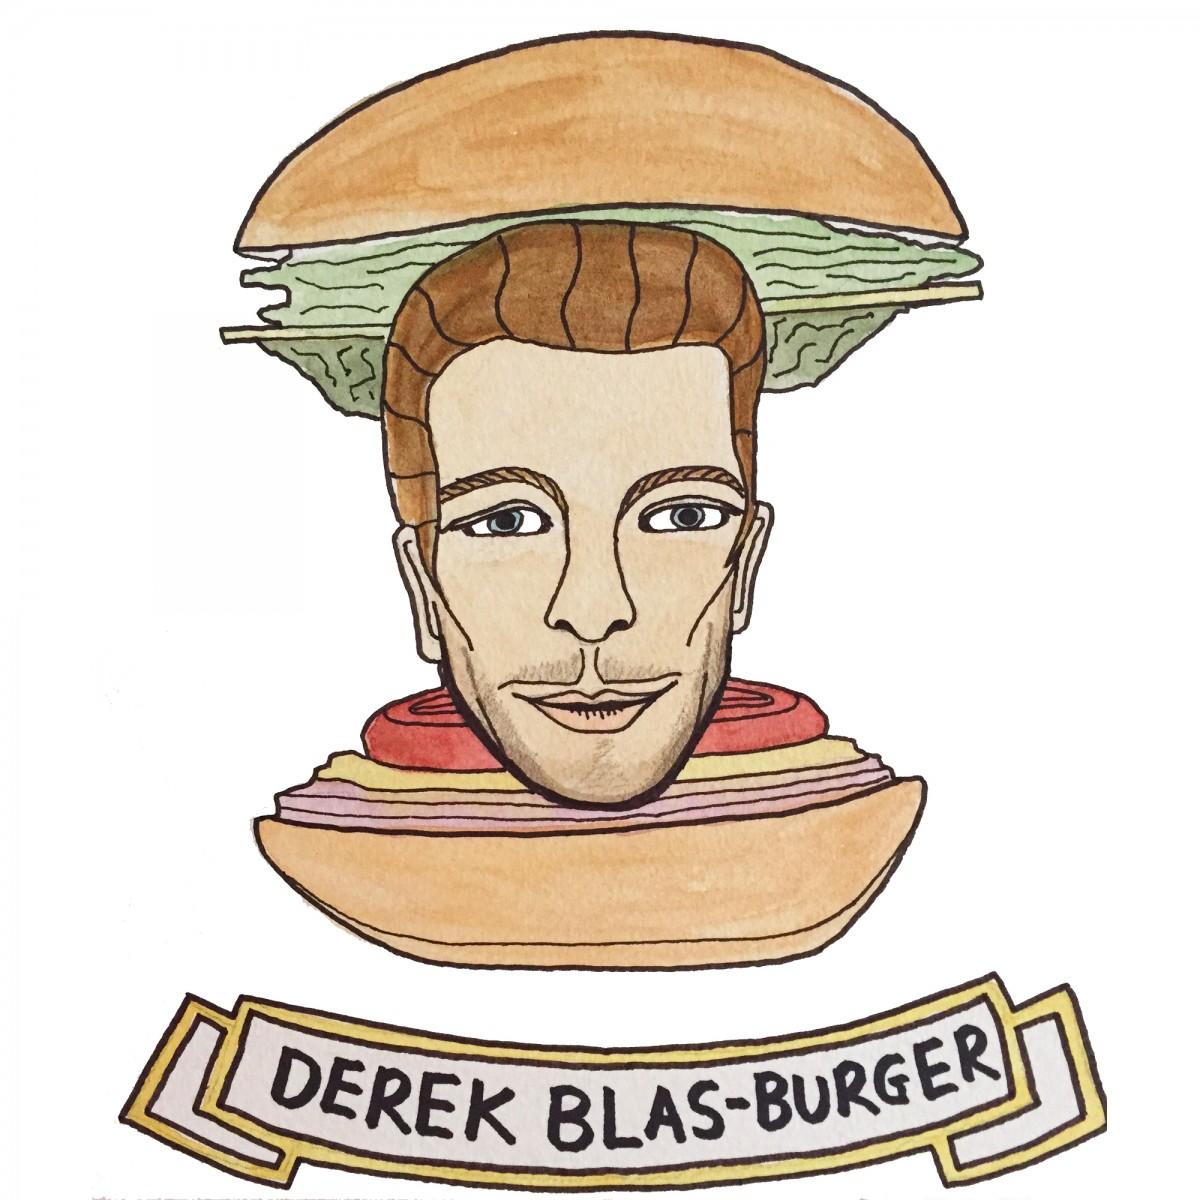 blasburger